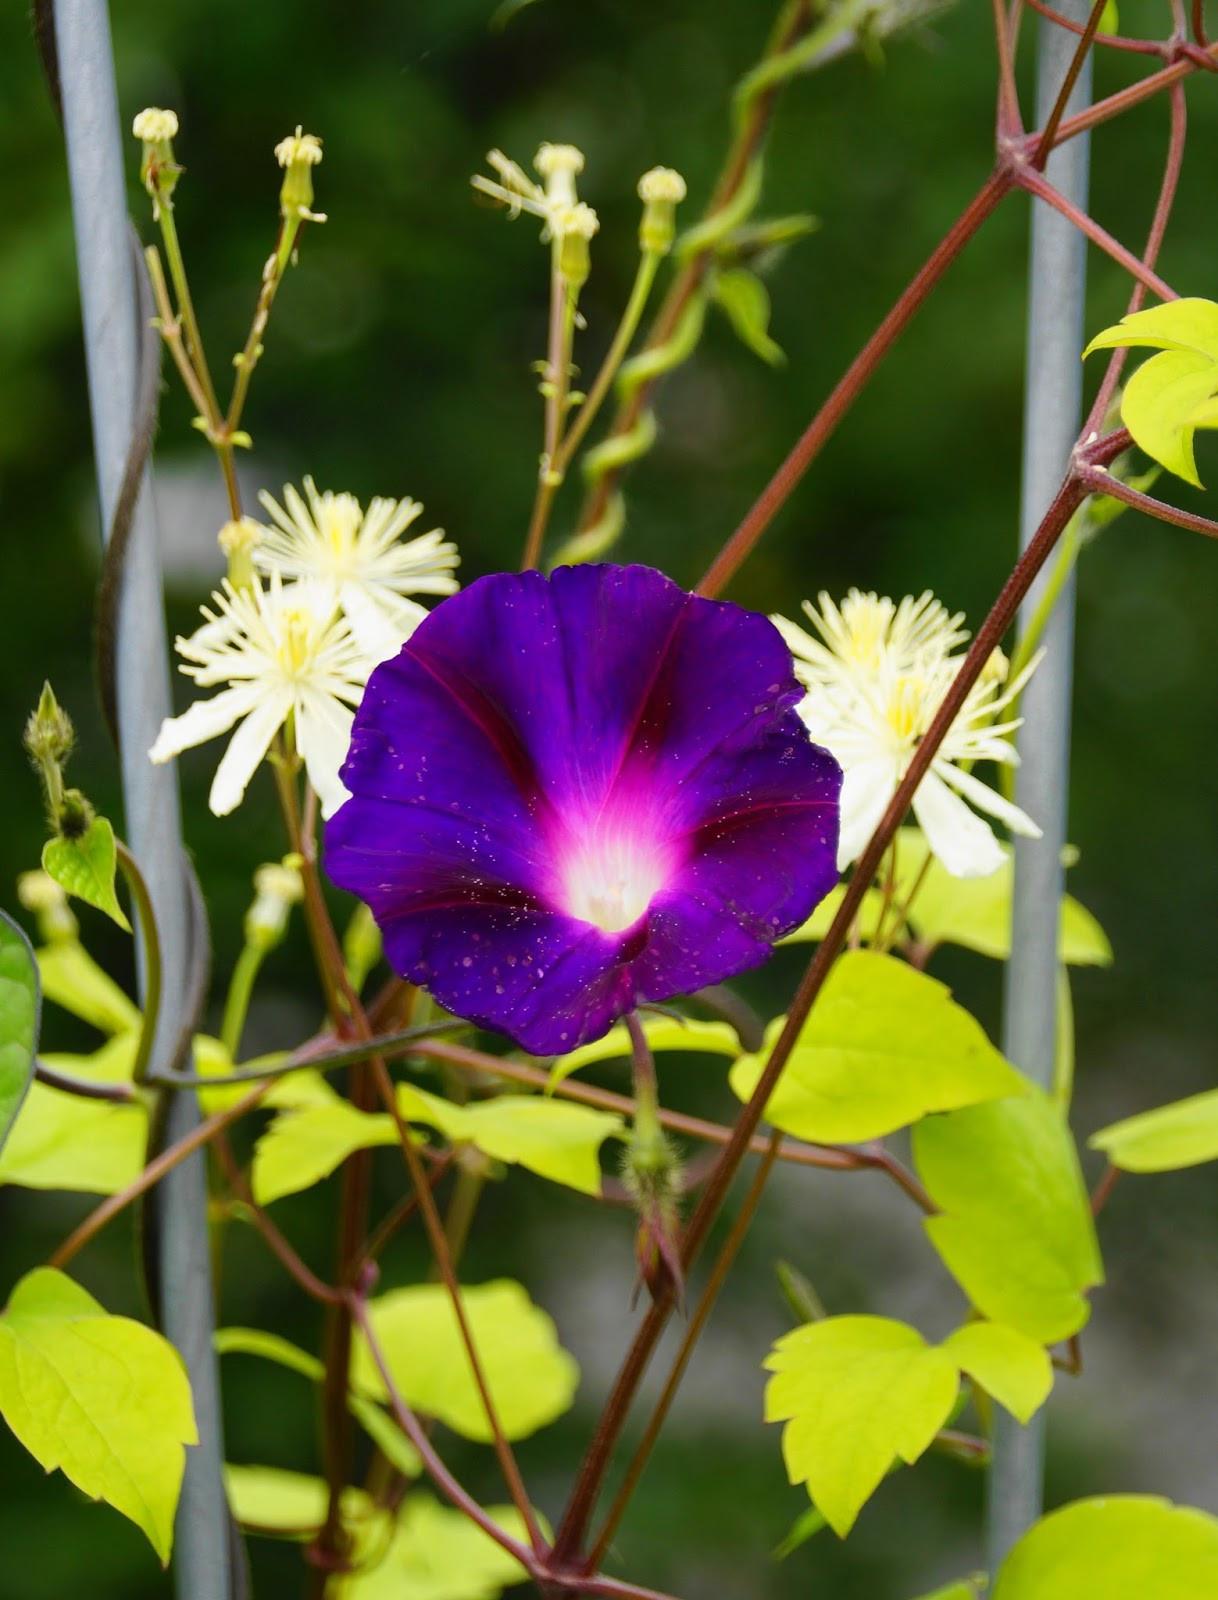 Ipomoea purpurea og Clematis Summer Snow Klatrende sommerblomst med ny partner og humlebes¸k